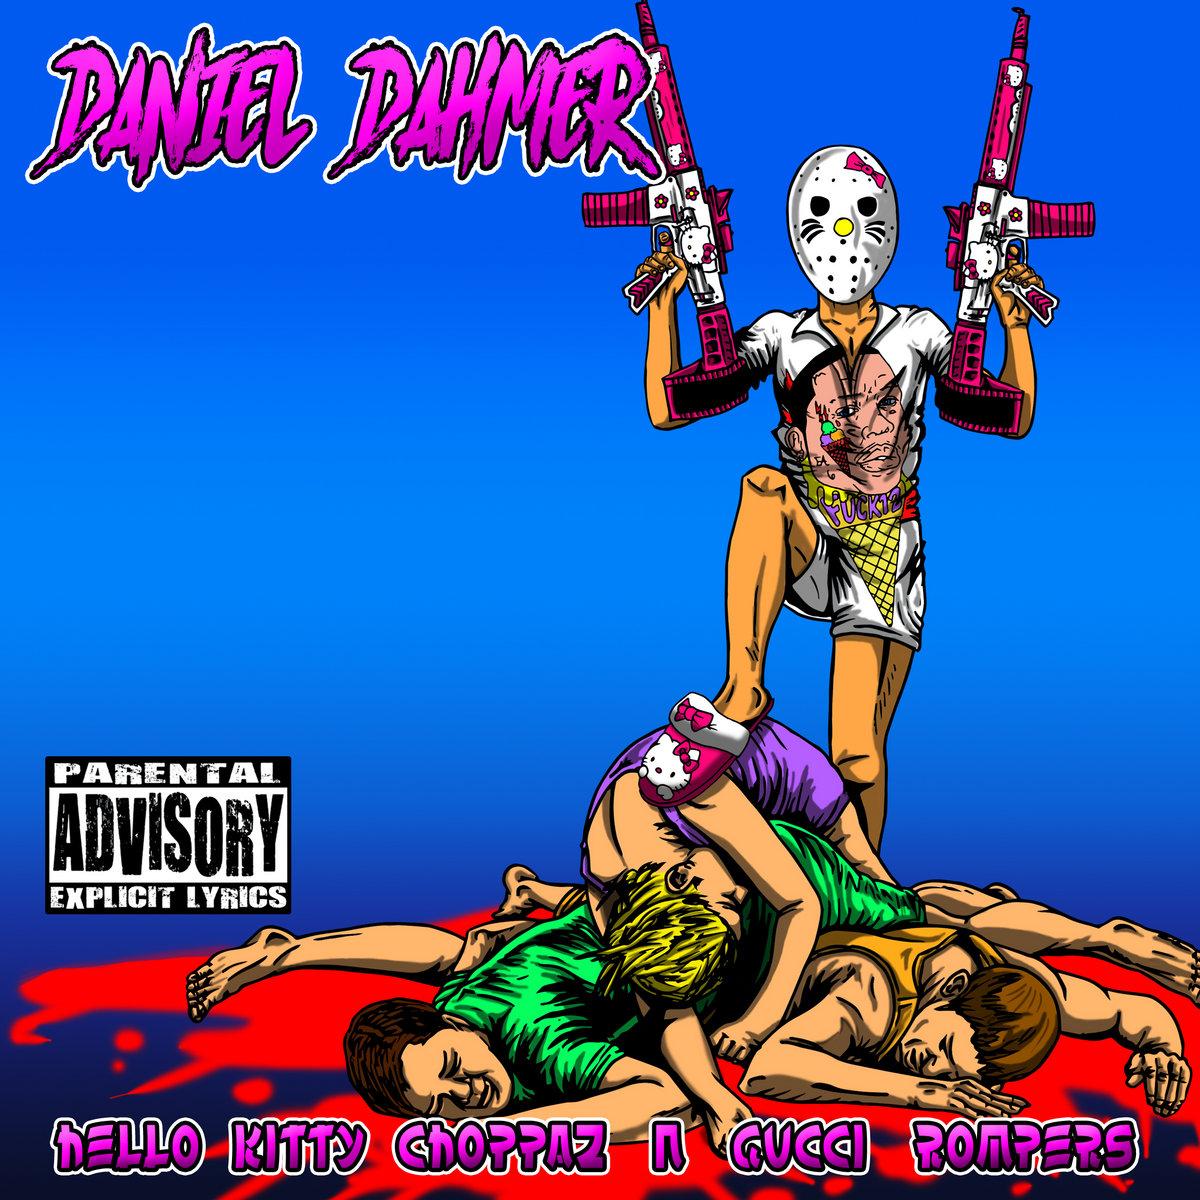 Hello Kitty Choppaz N Gucci Rompers by Daniel Dahmer